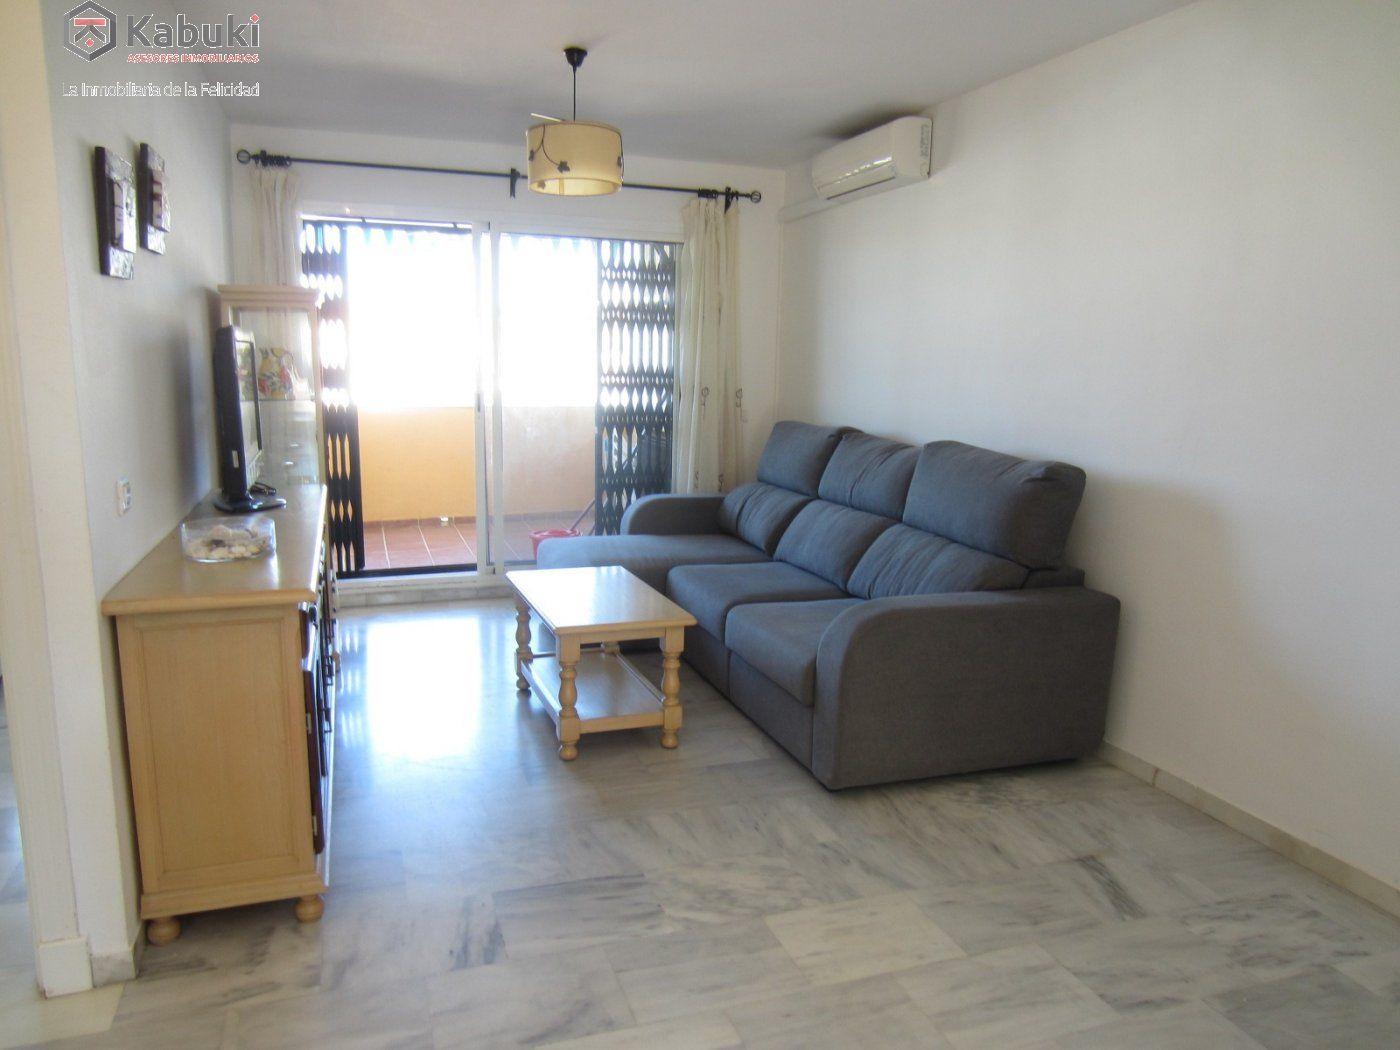 Coqueto apartamento en mijas, a un paso del mar. en urbanización con piscina. - imagenInmueble23